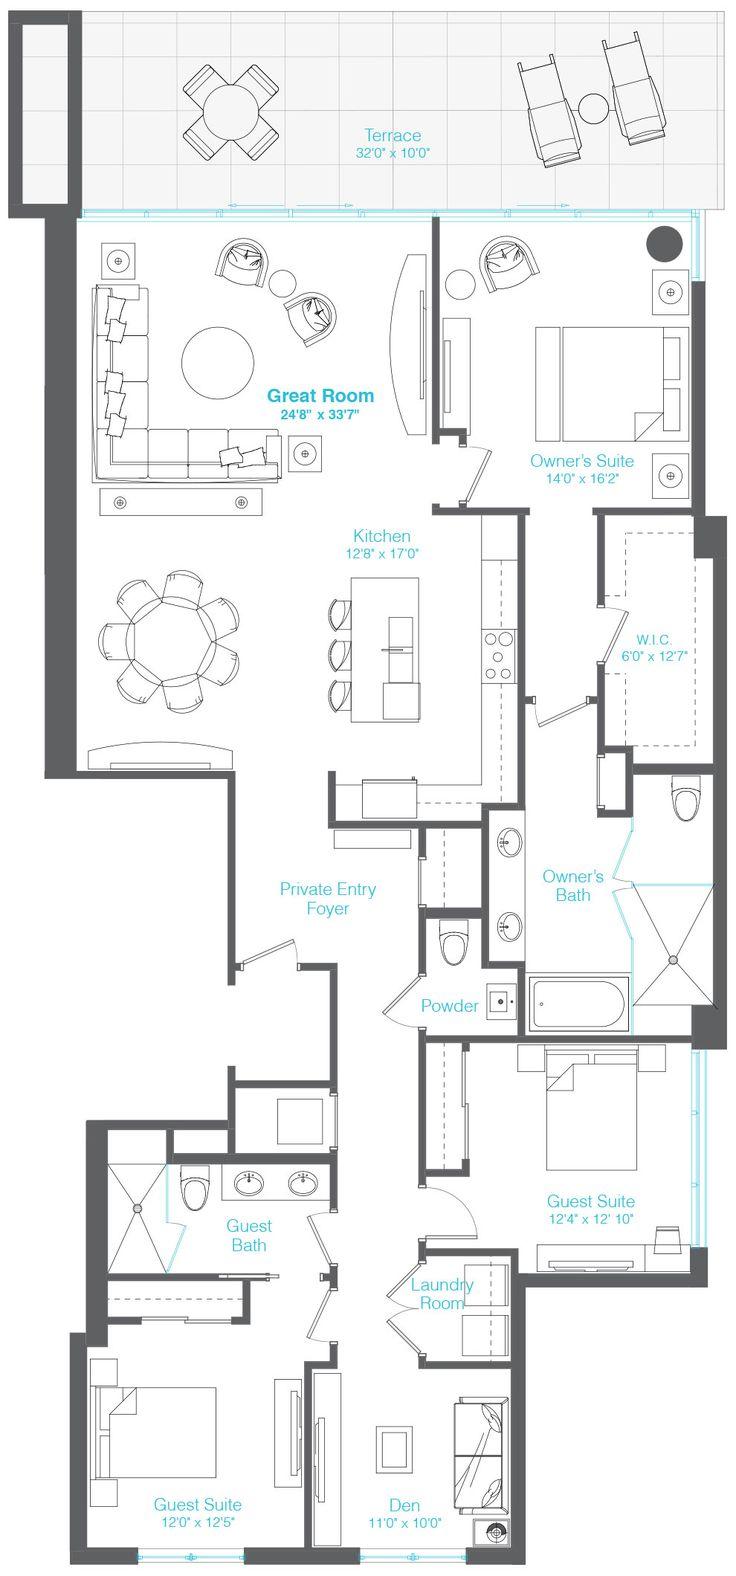 3 BEDROOMS, 2.5 BATHS + DEN